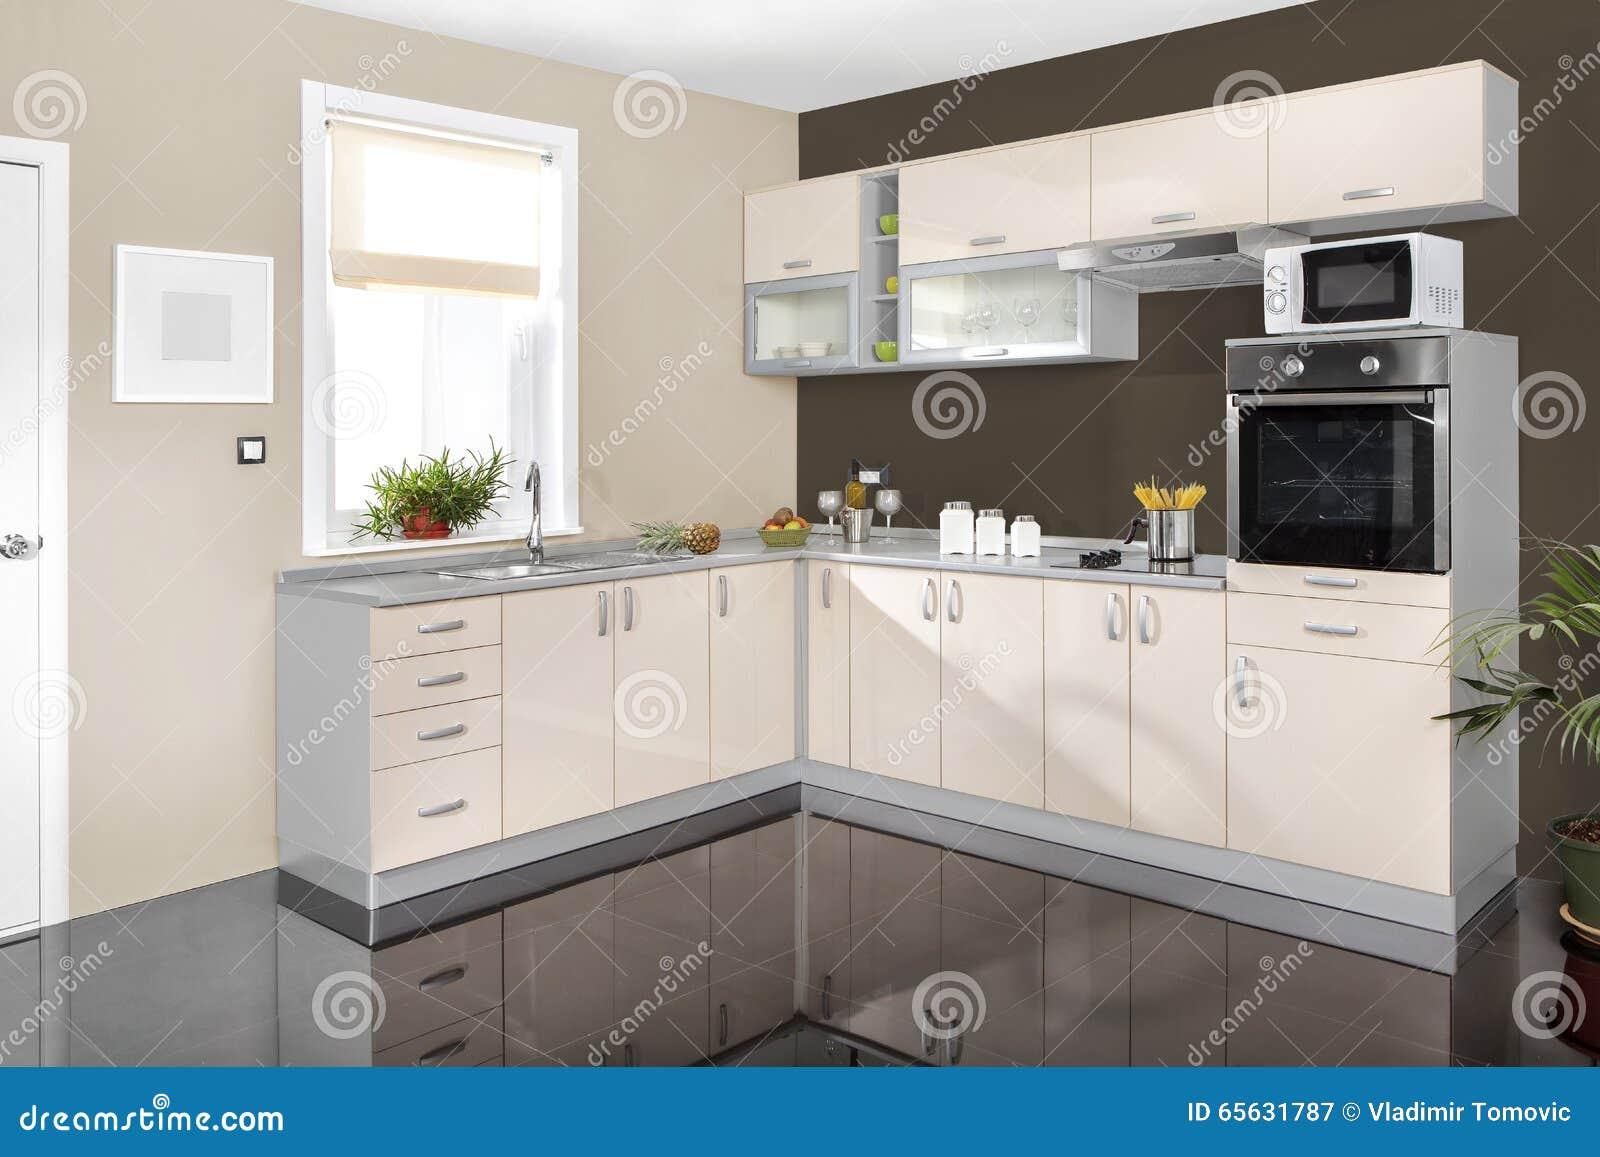 int rieur d 39 une cuisine moderne meubles en bois simple et propre image stock image 65631787. Black Bedroom Furniture Sets. Home Design Ideas